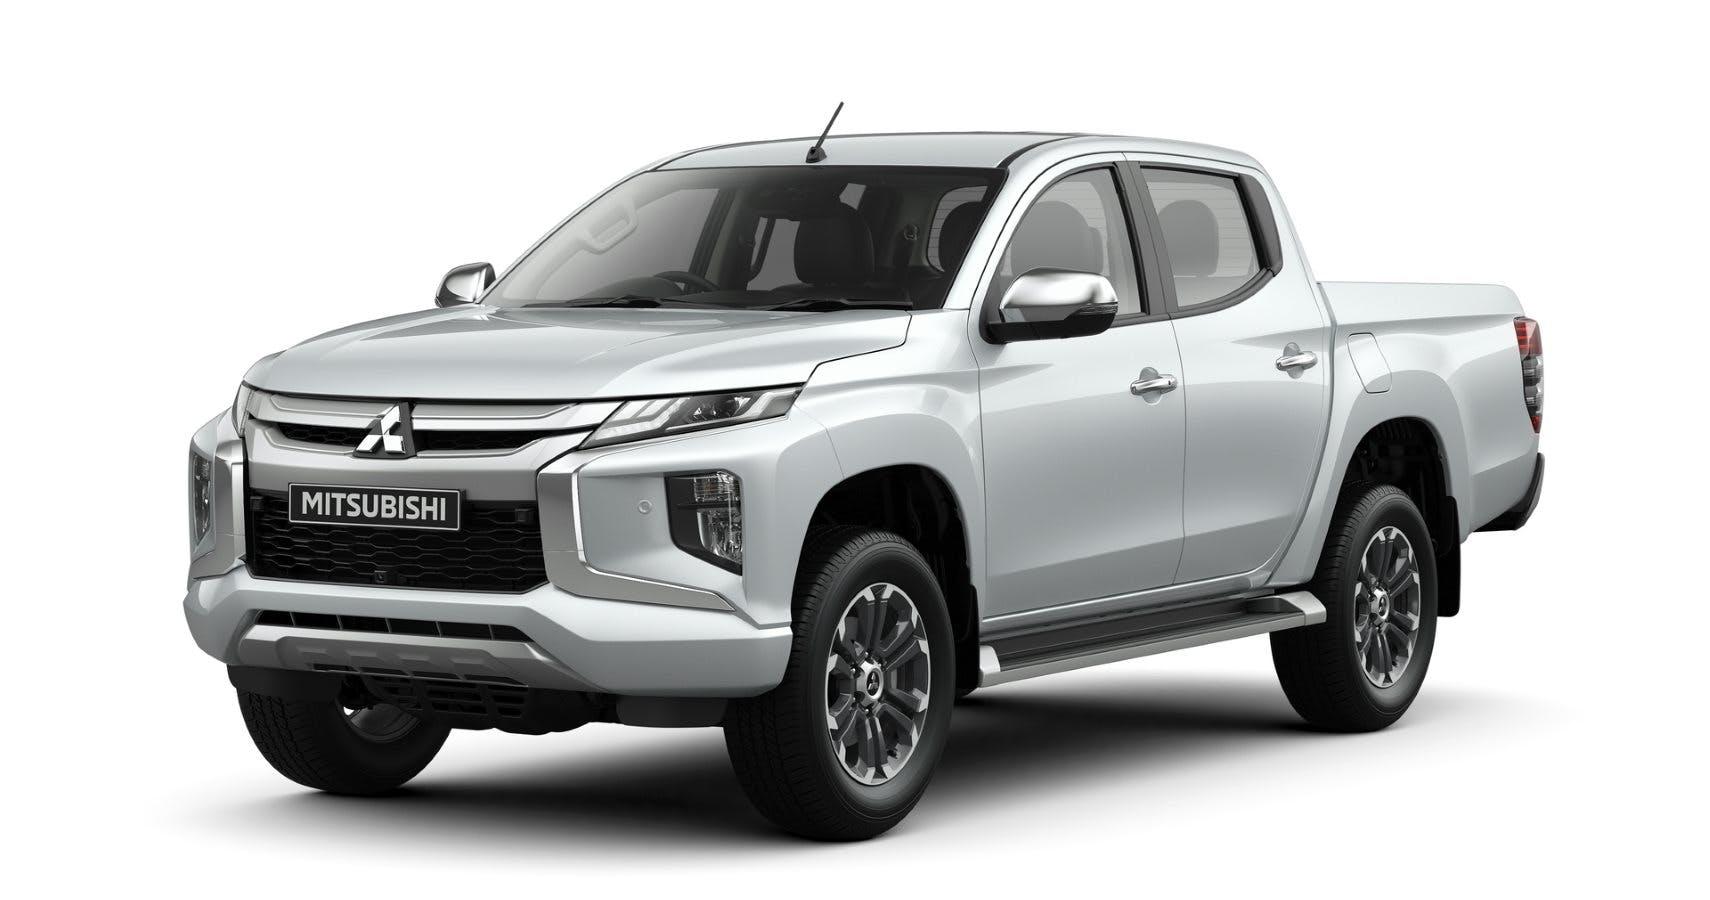 nhung-dieu-co-ban-can-phai-biet-khi-su-dung-xe-mitsubishi-triton-2020